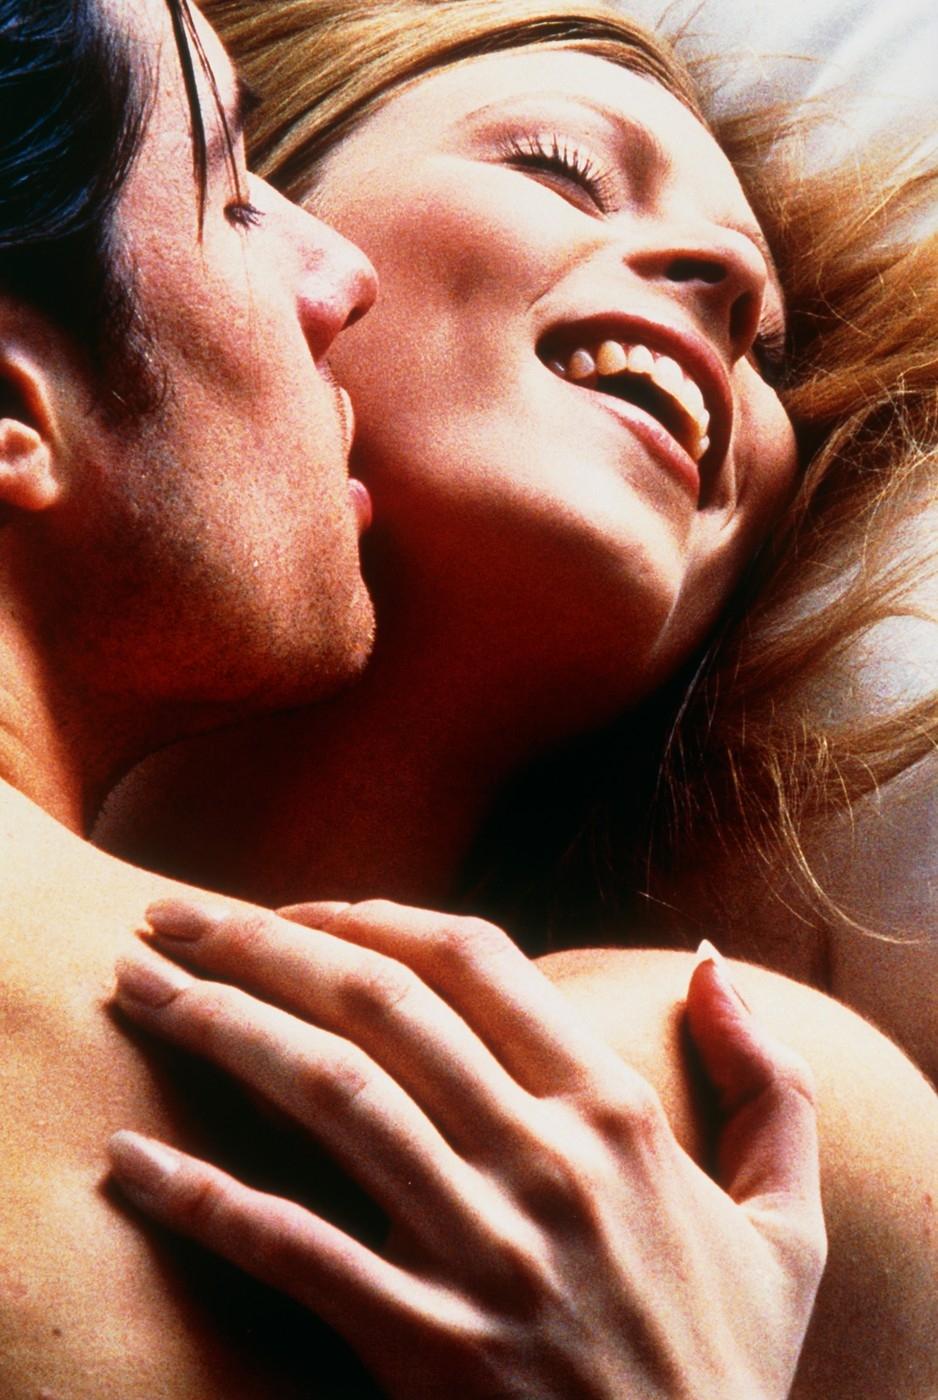 БДСМ порно, смотреть жесткое BDSM порно видео бесплатно онлайн